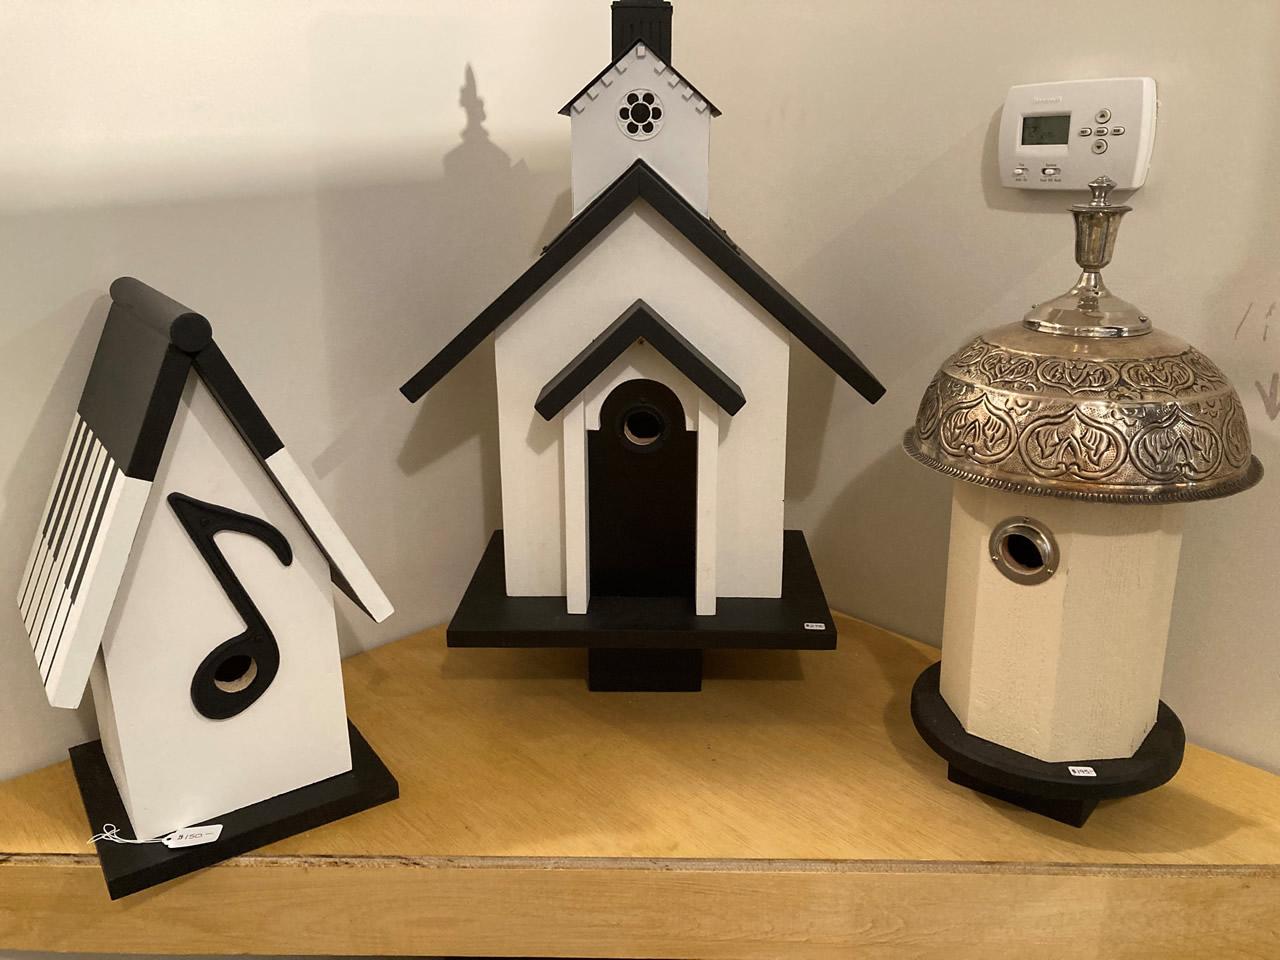 glen ellyn food pantry 2021 Birdhouses-1280